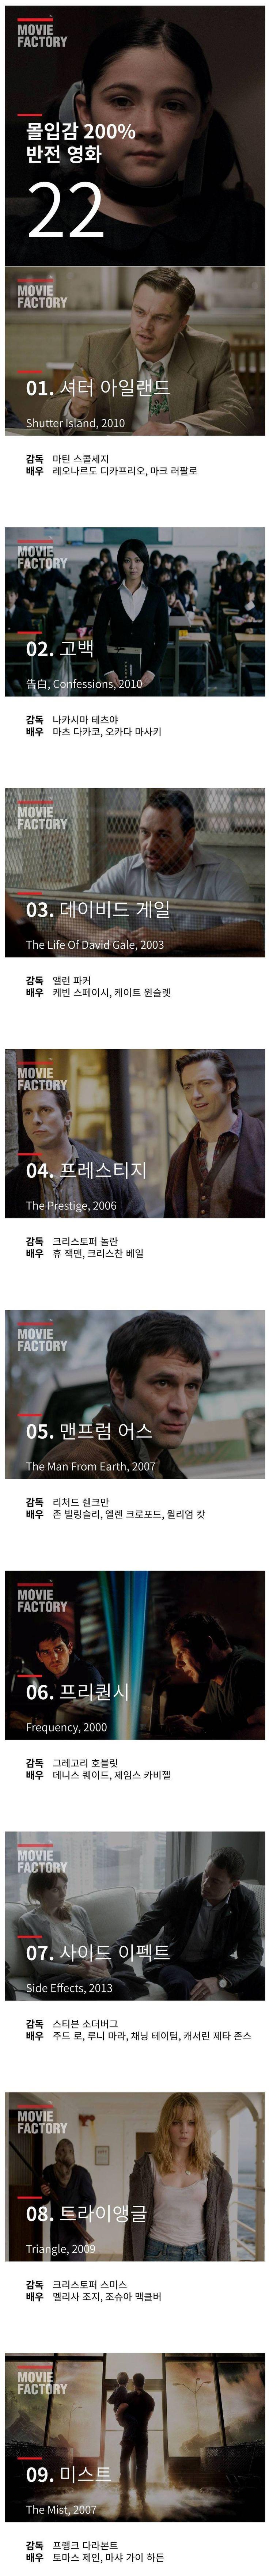 이슈인 - 몰입감 넘치는 반전 영화